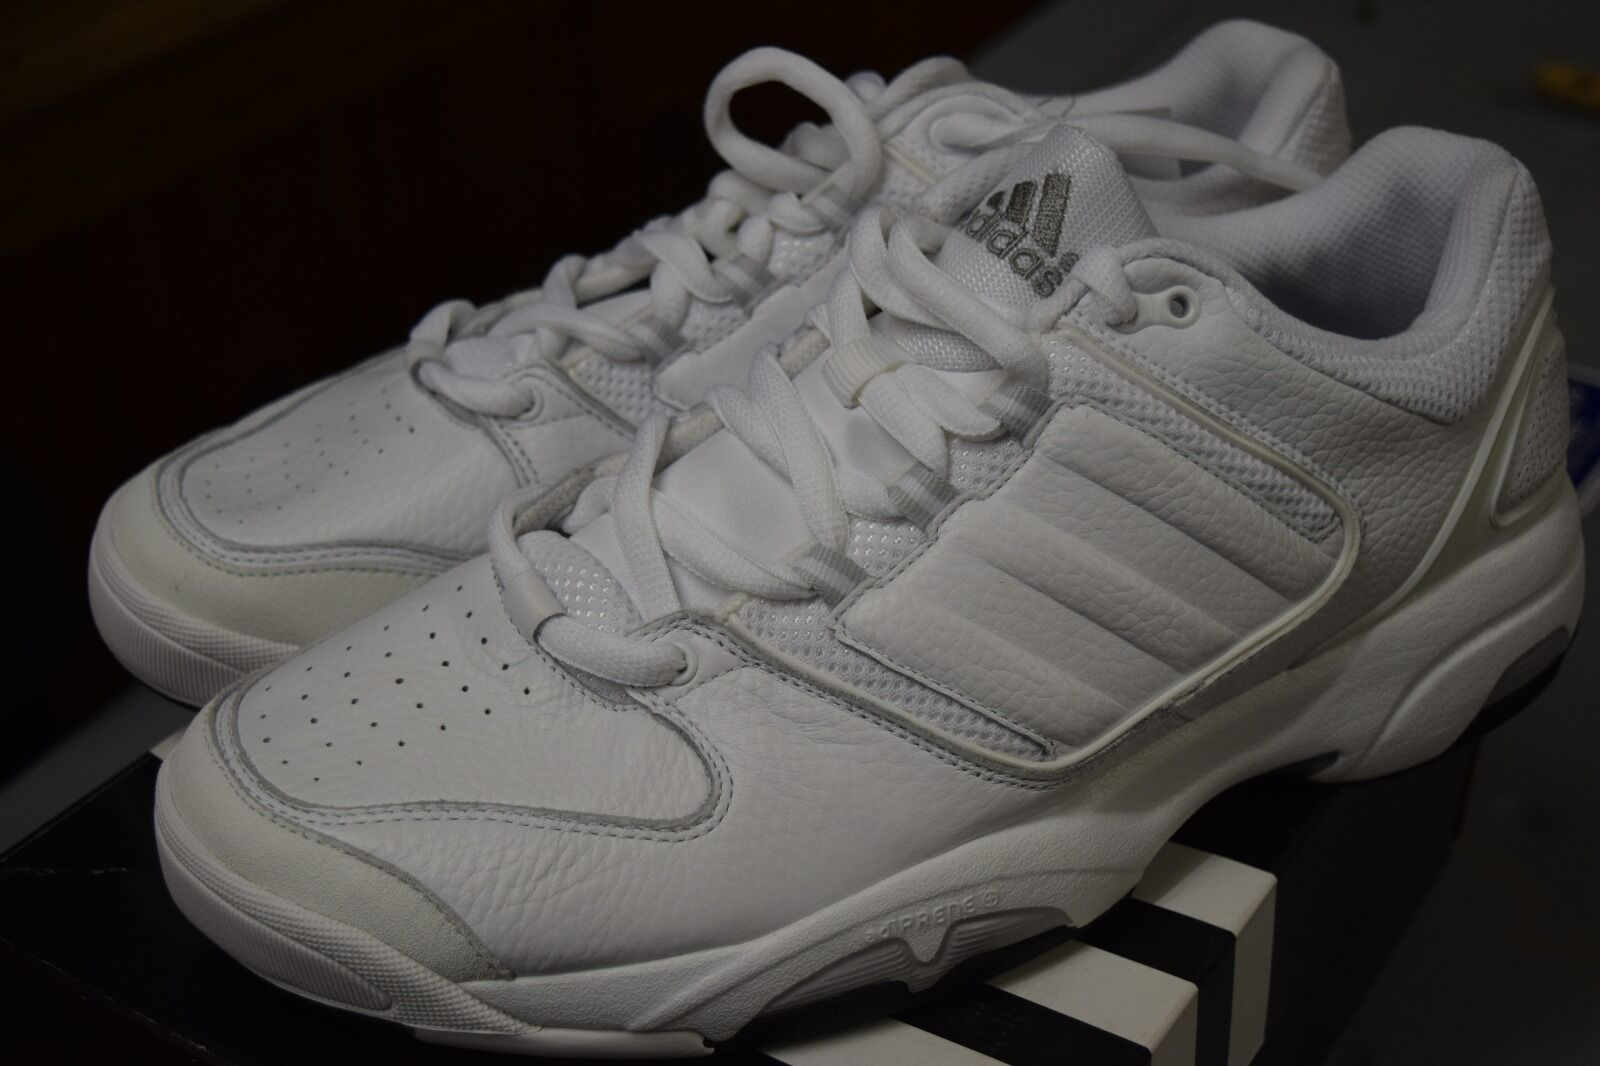 89b3d33c0b1a Adidas Adidas Adidas To Amenity Weiß Weiß Tennis schuhe Sz 13 a84884 ...